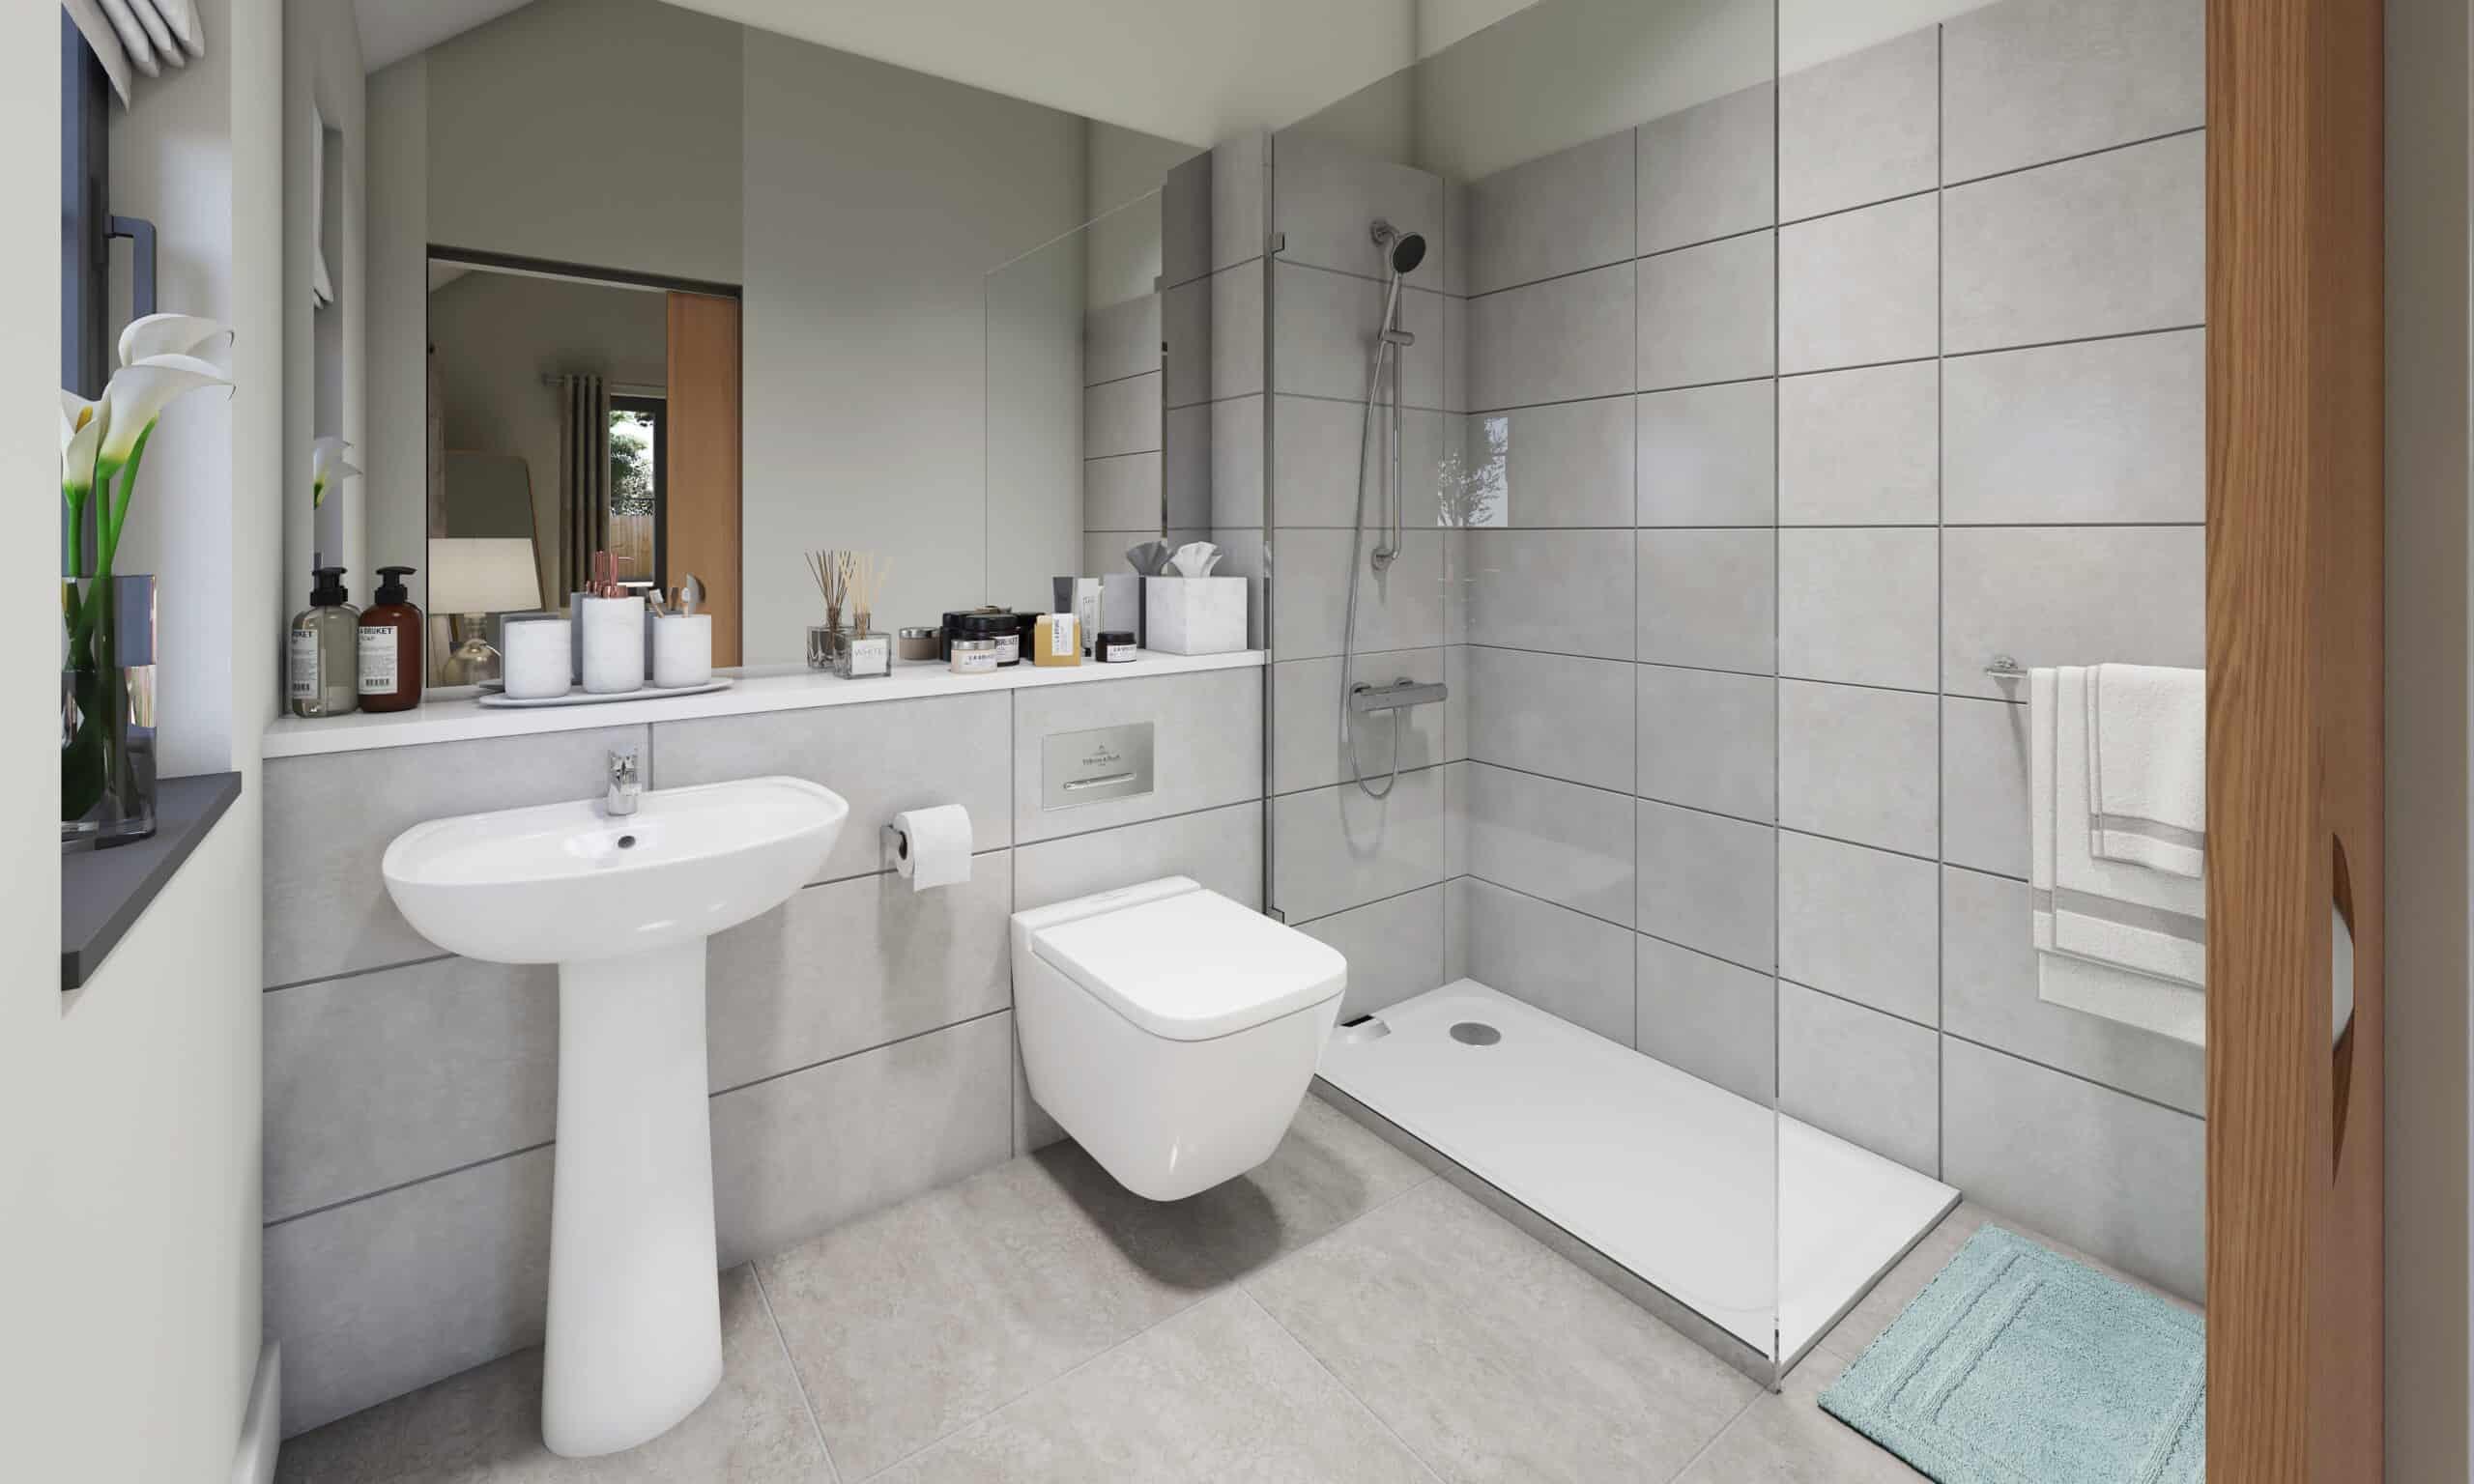 Kingsdown-Rd_Bungalow-C_Bathroom_HR_Edited